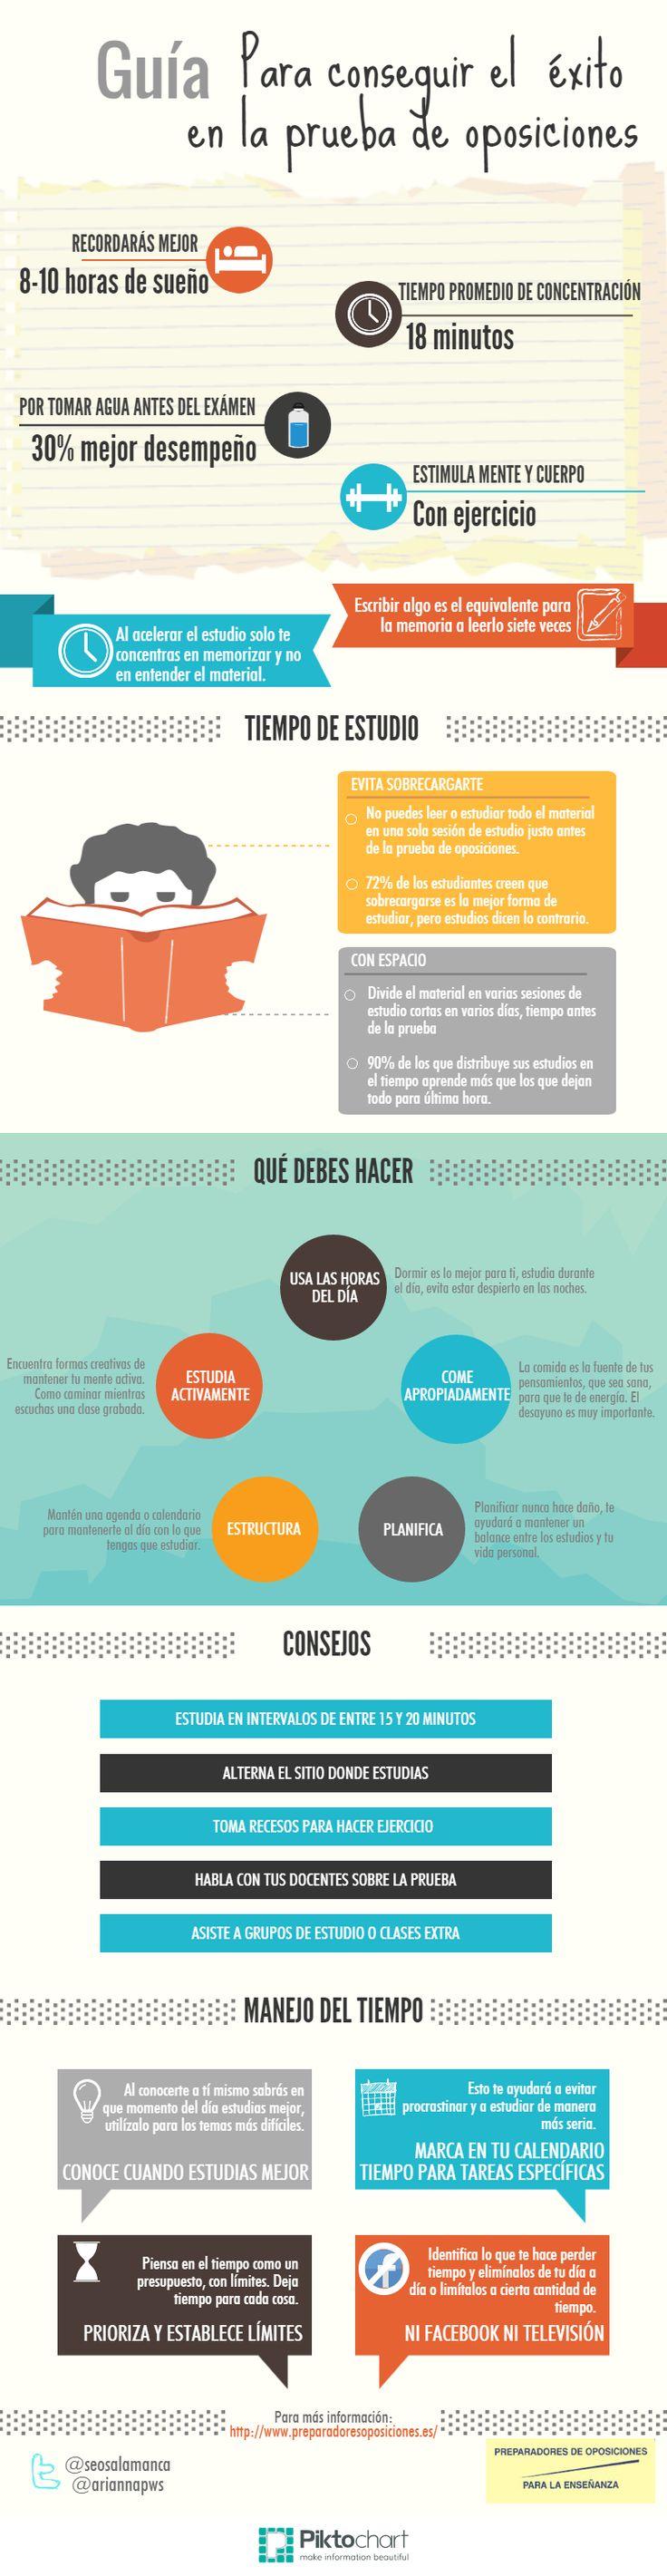 Hola: Una infografía sobre cómo tener éxito en una Oposición. Vía Un saludo